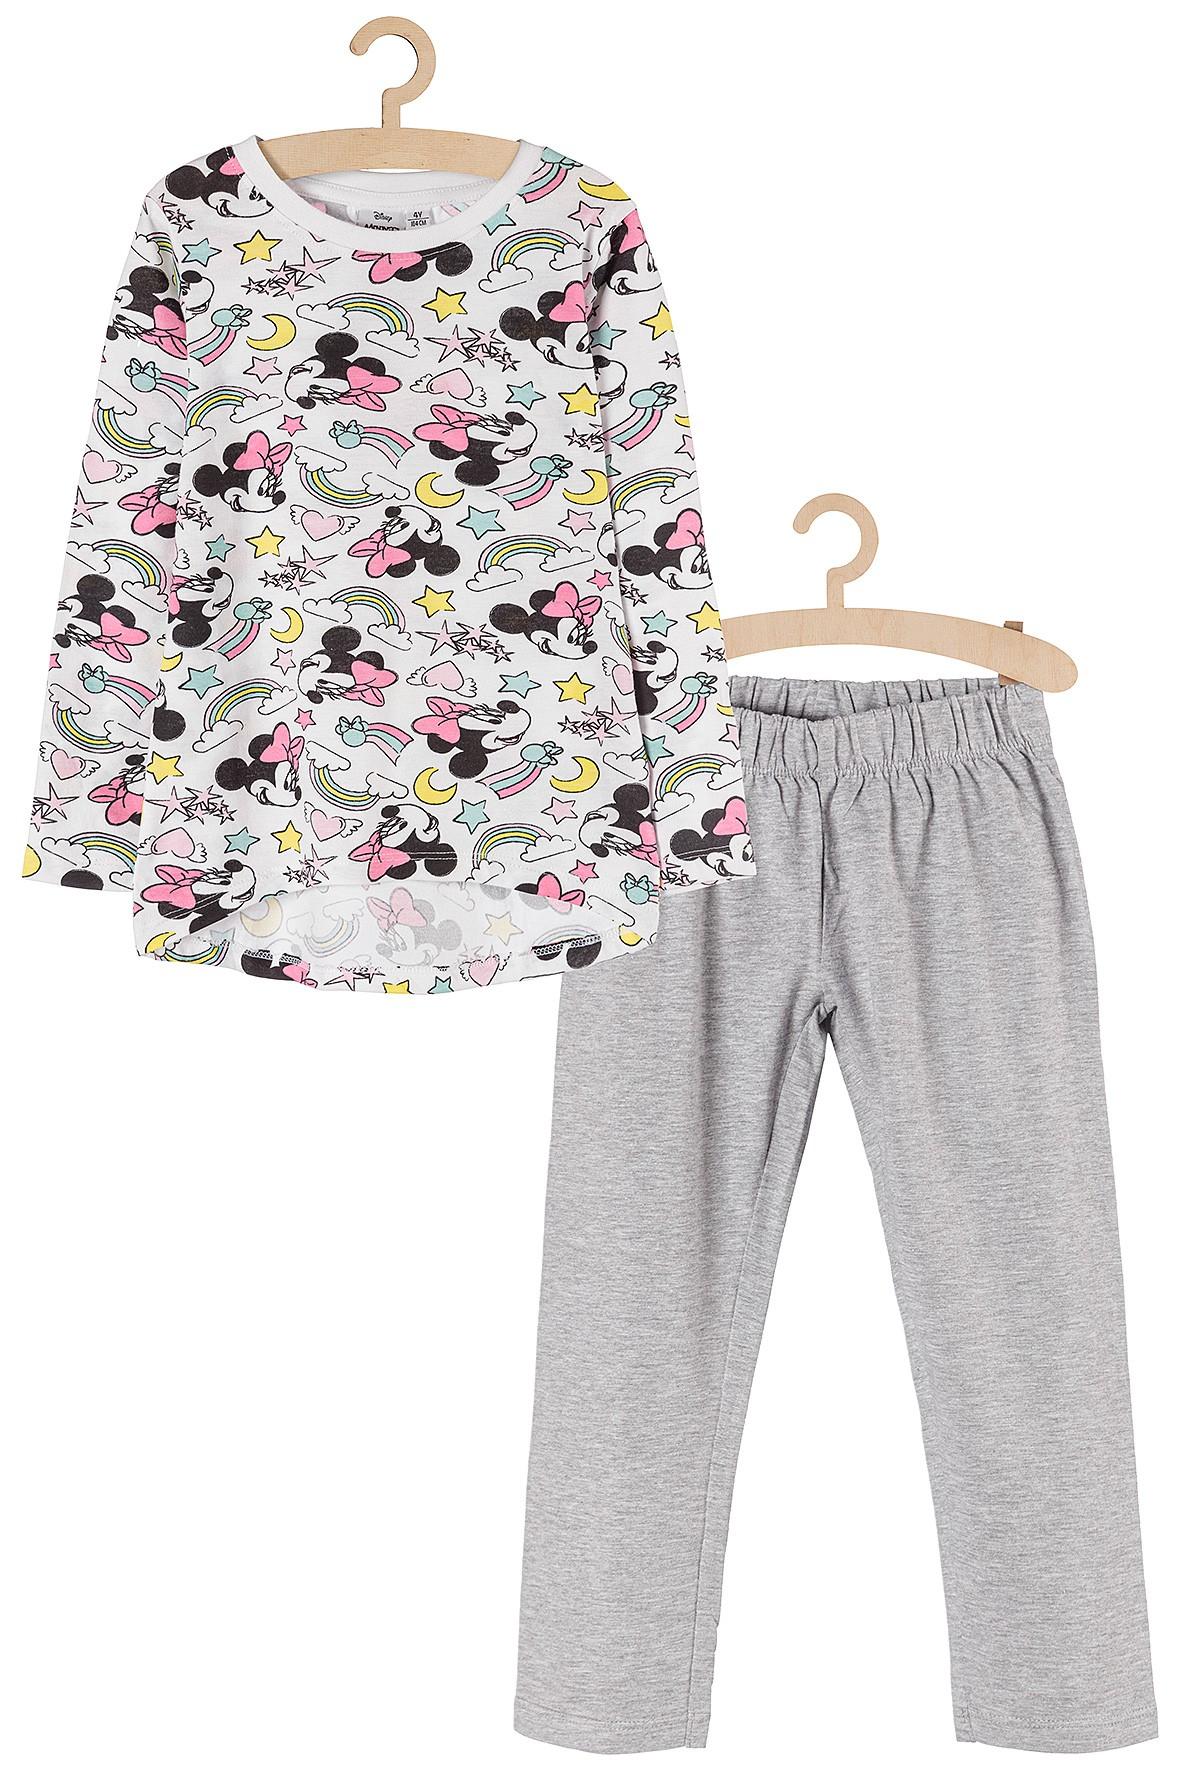 Piżama dziewczęca szara Myszka Minnie